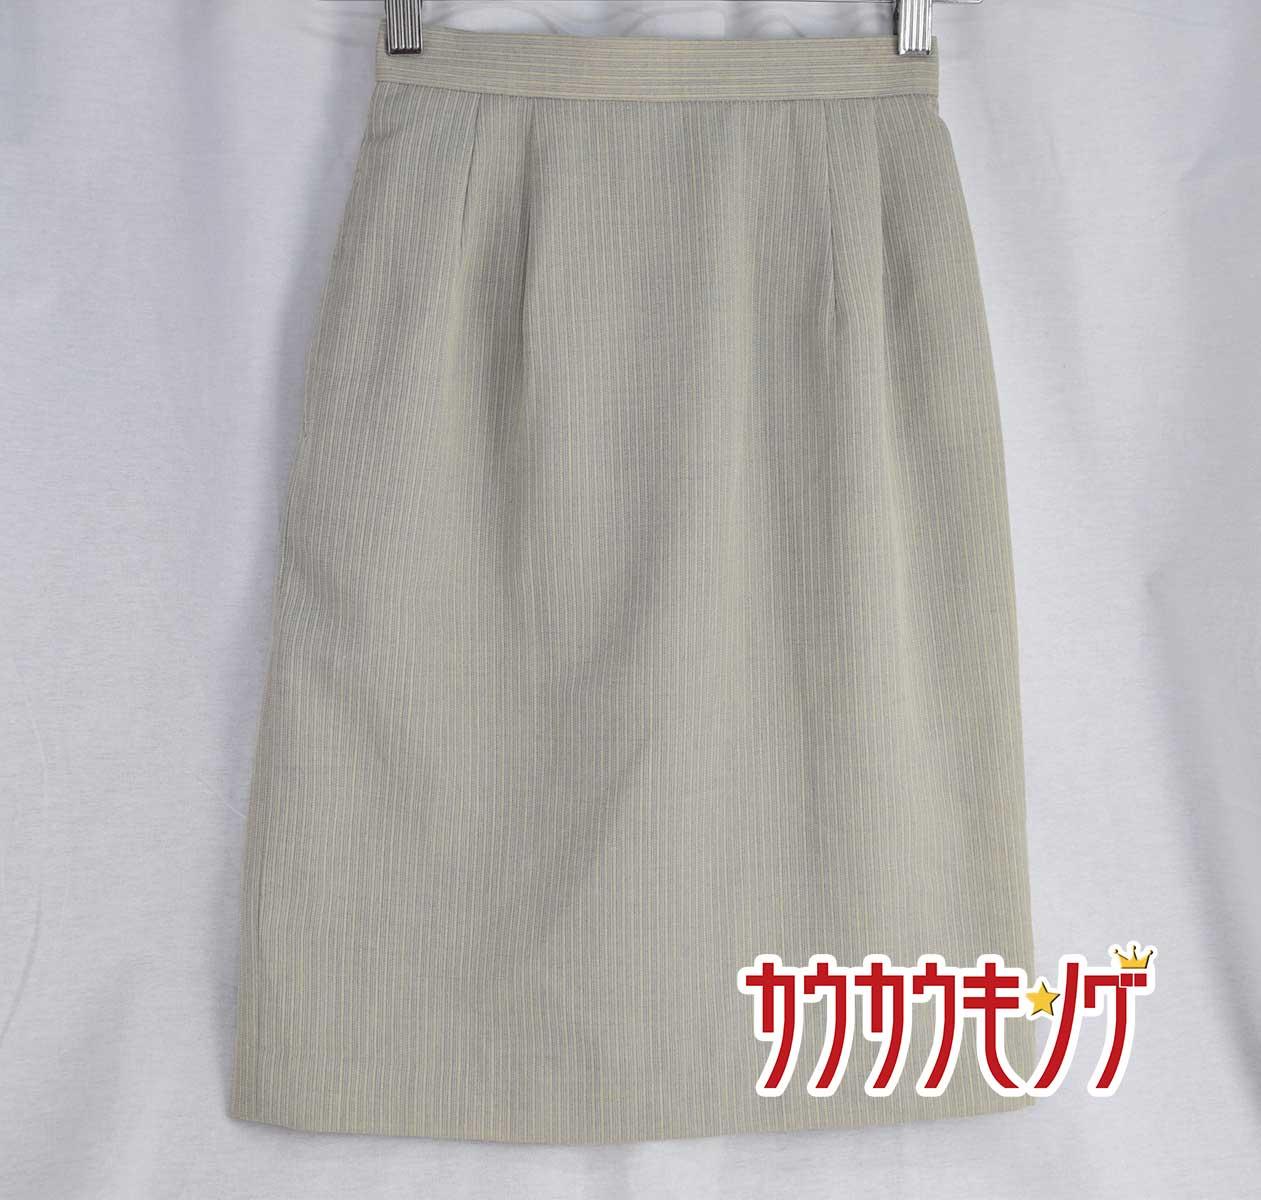 中古 未使用 ハイナック スカート 5号サイズ 豊富な品 お気にいる 事務服 レディースユニフォーム 575BS オフィスウェア 営業スーツ